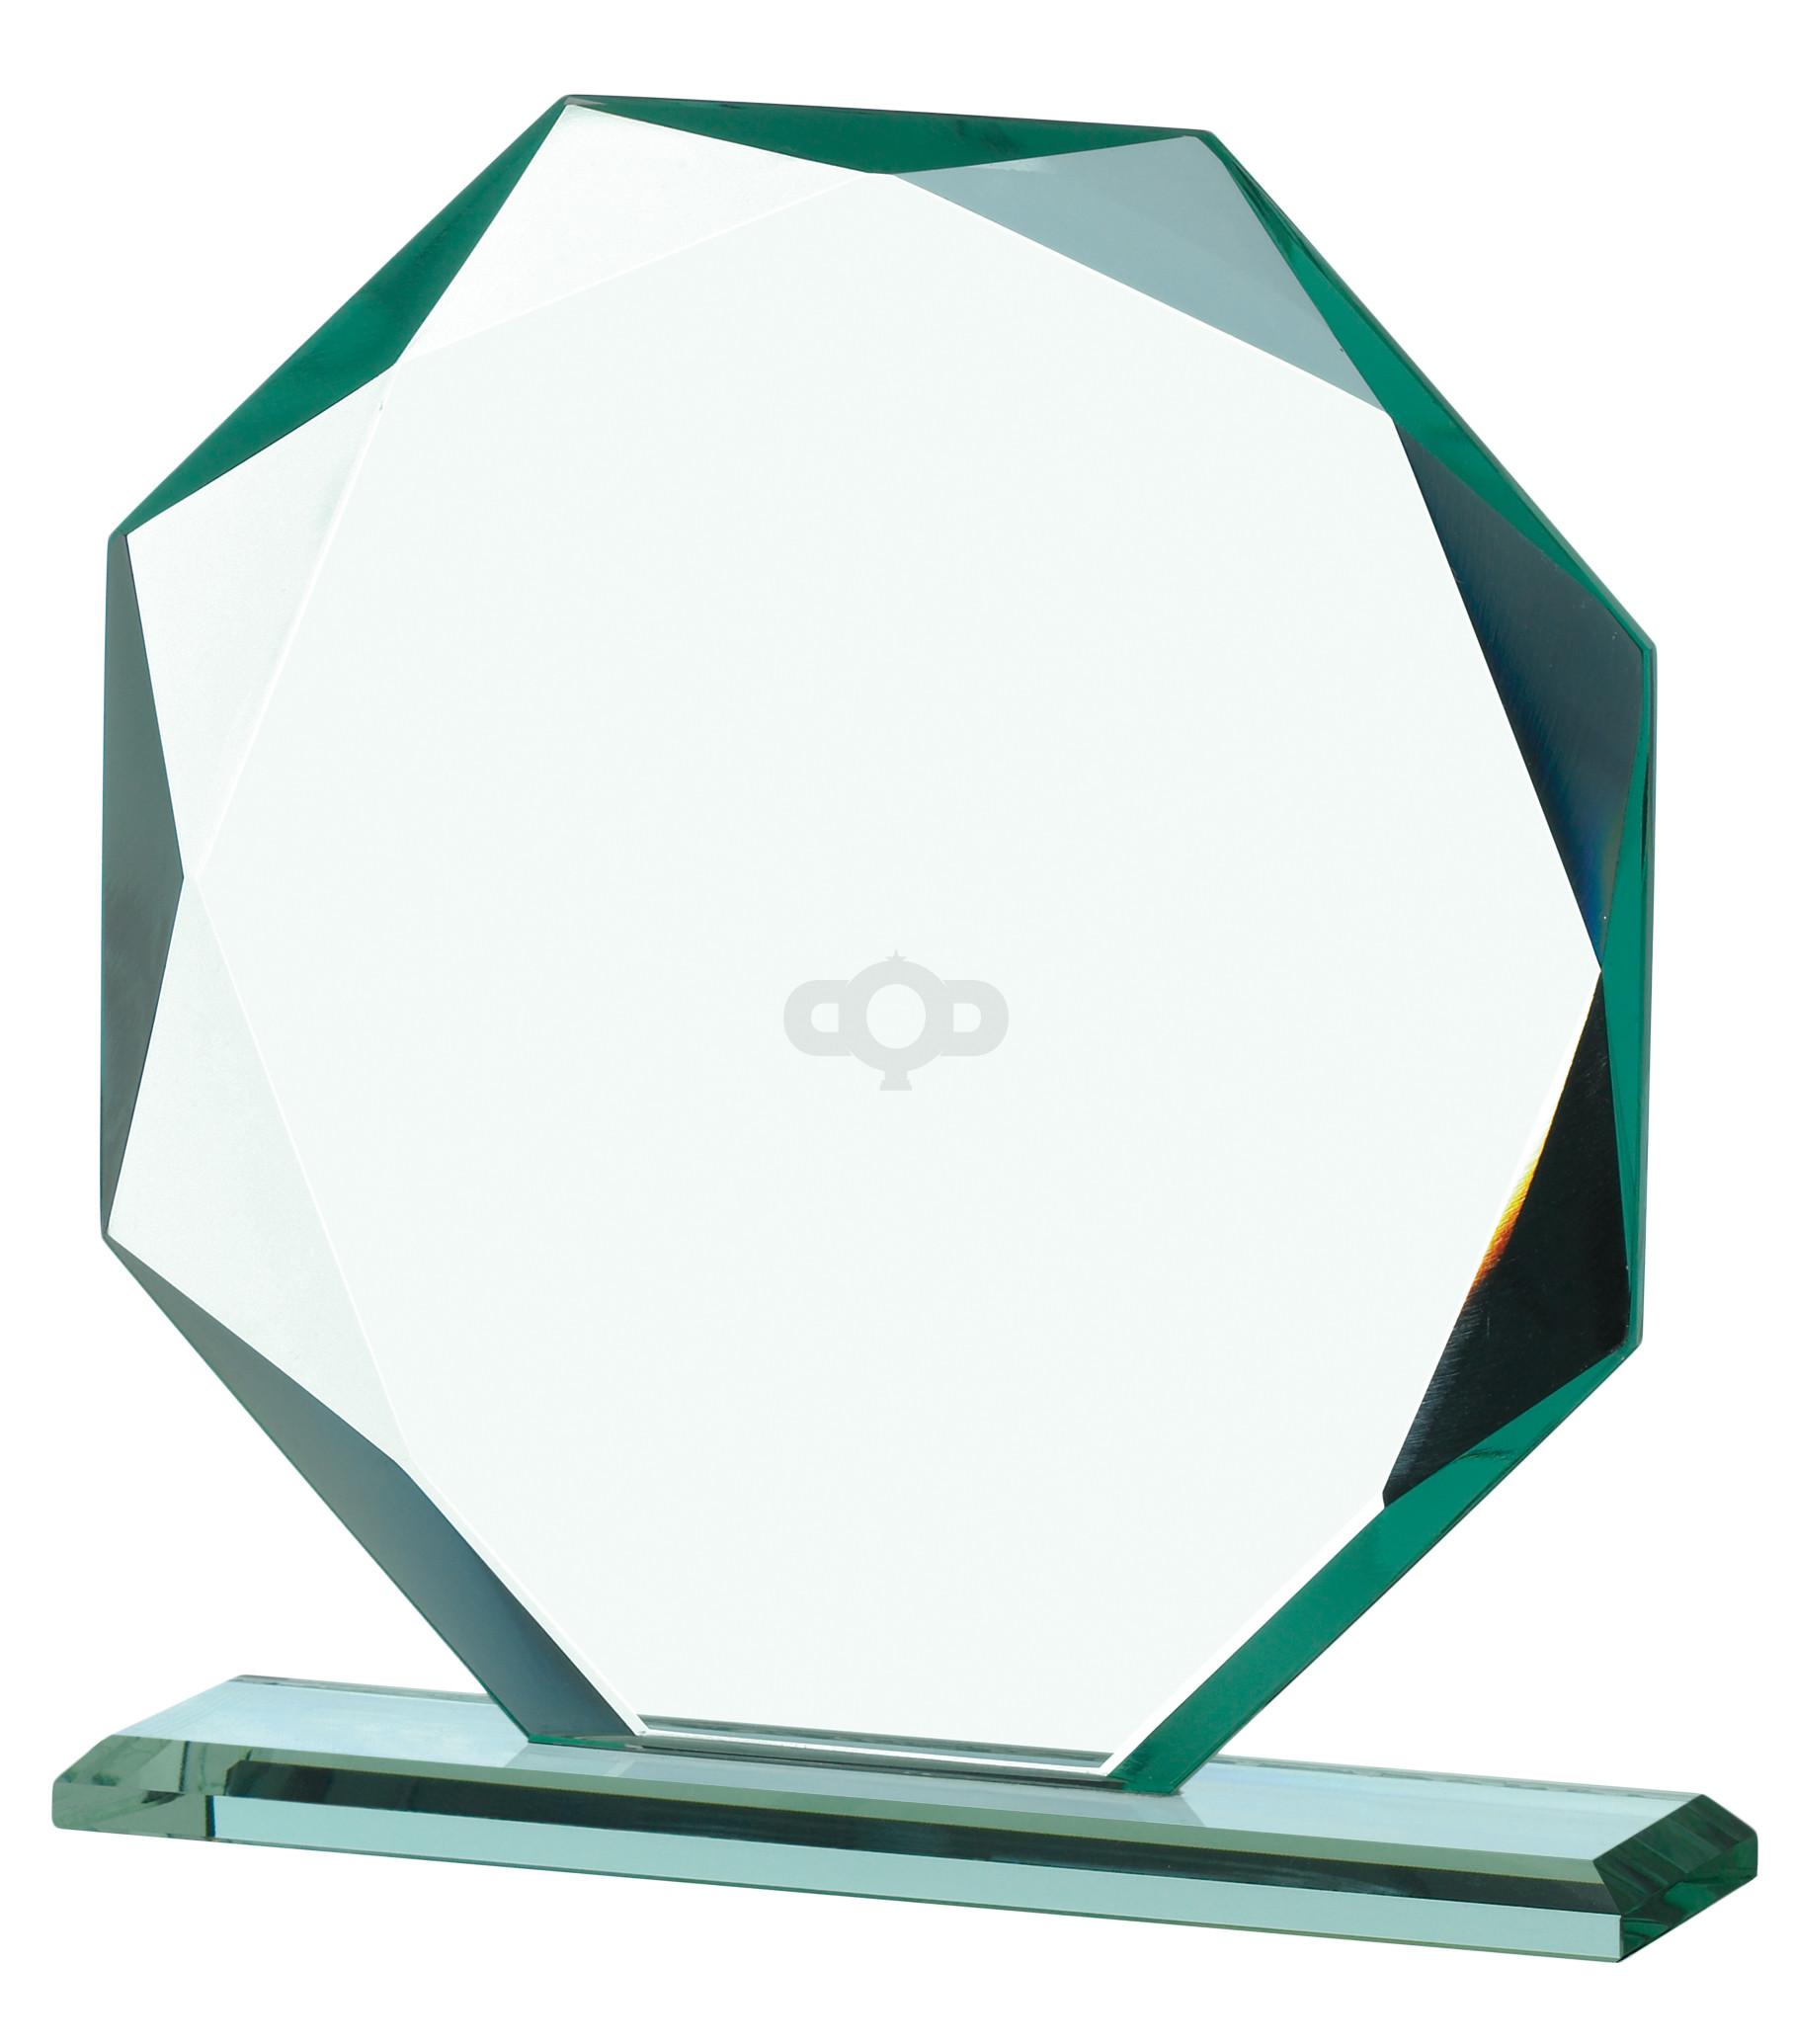 Octagonal Award